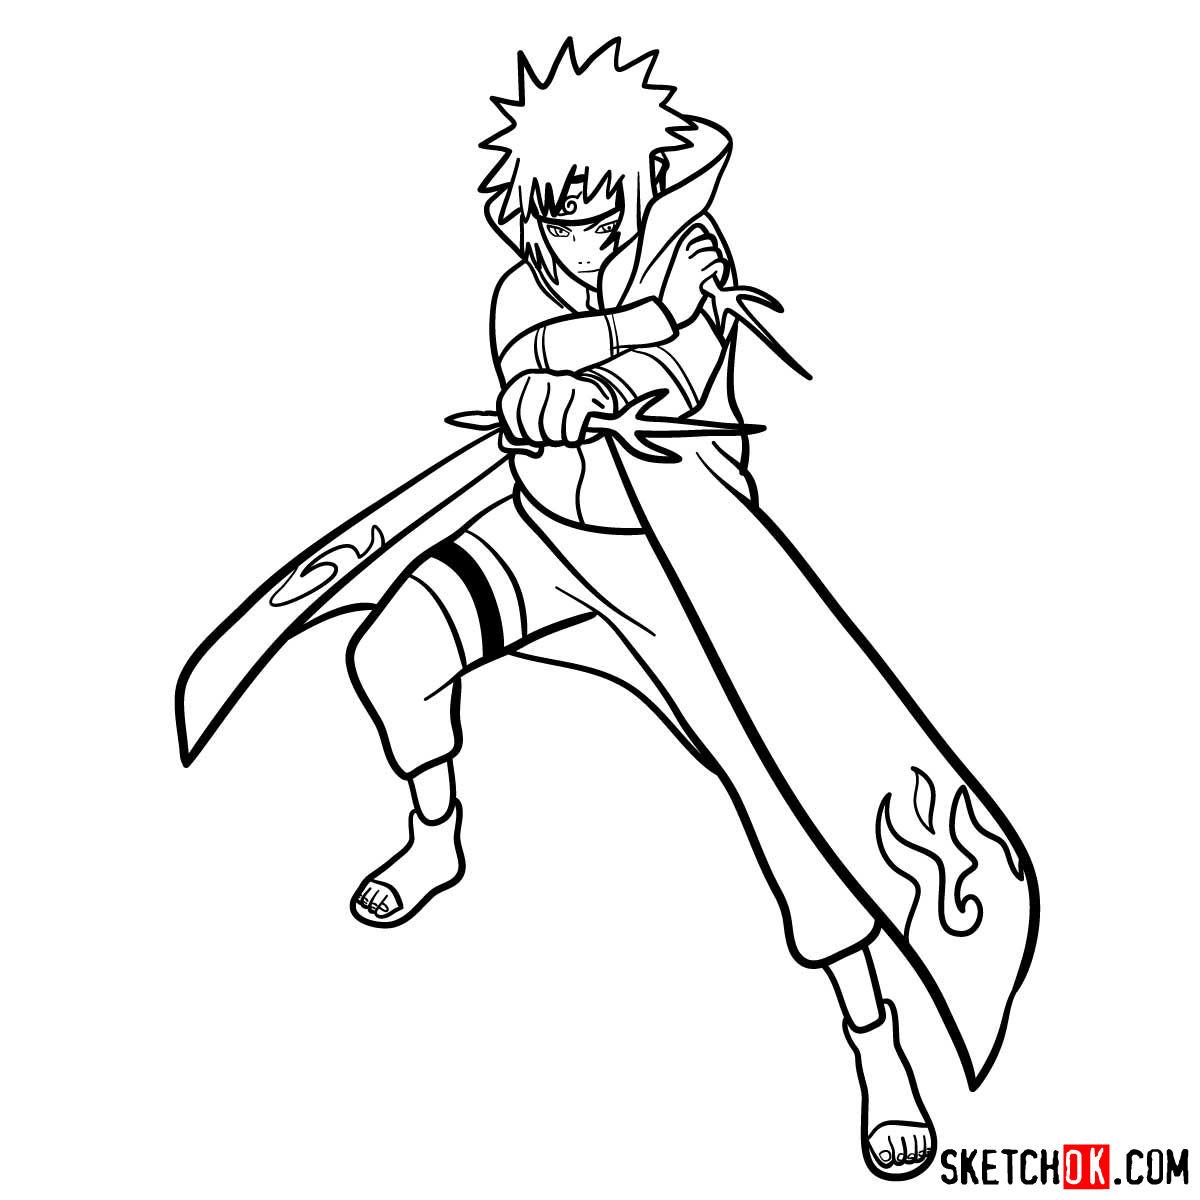 How to draw Minato Namikaze from Naruto anime - step 16